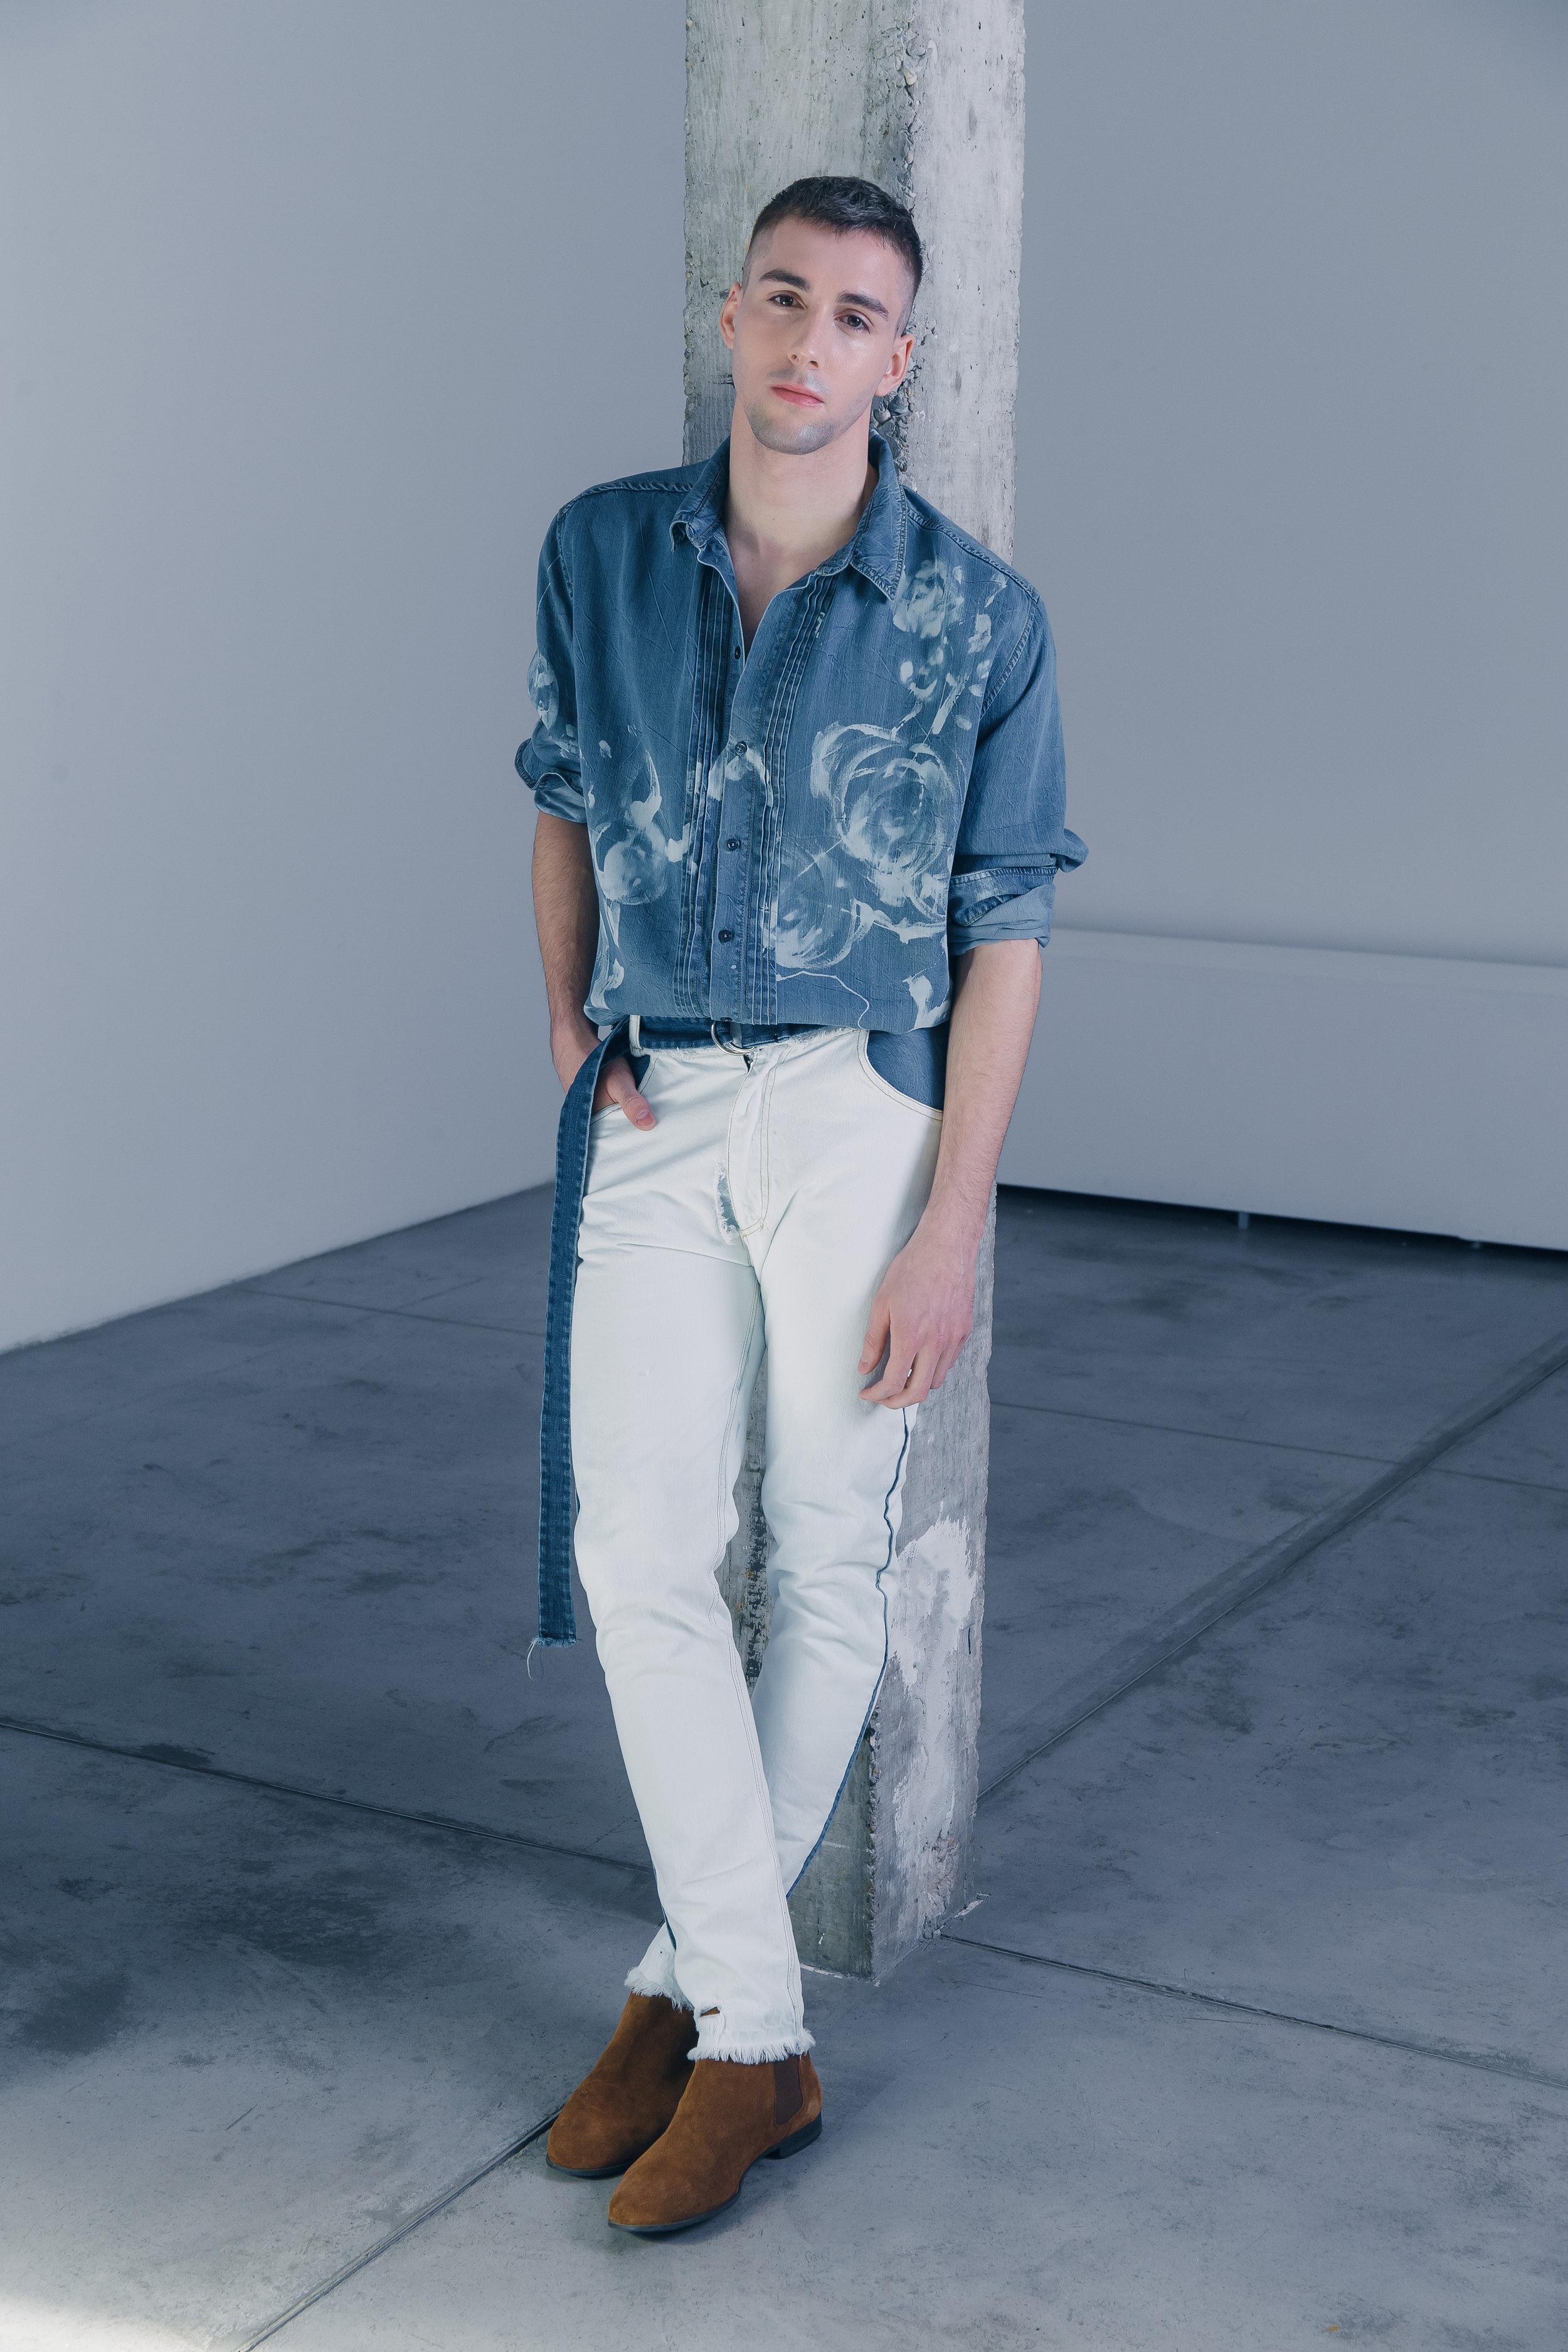 robert-severbipa-fashion-4.jpg